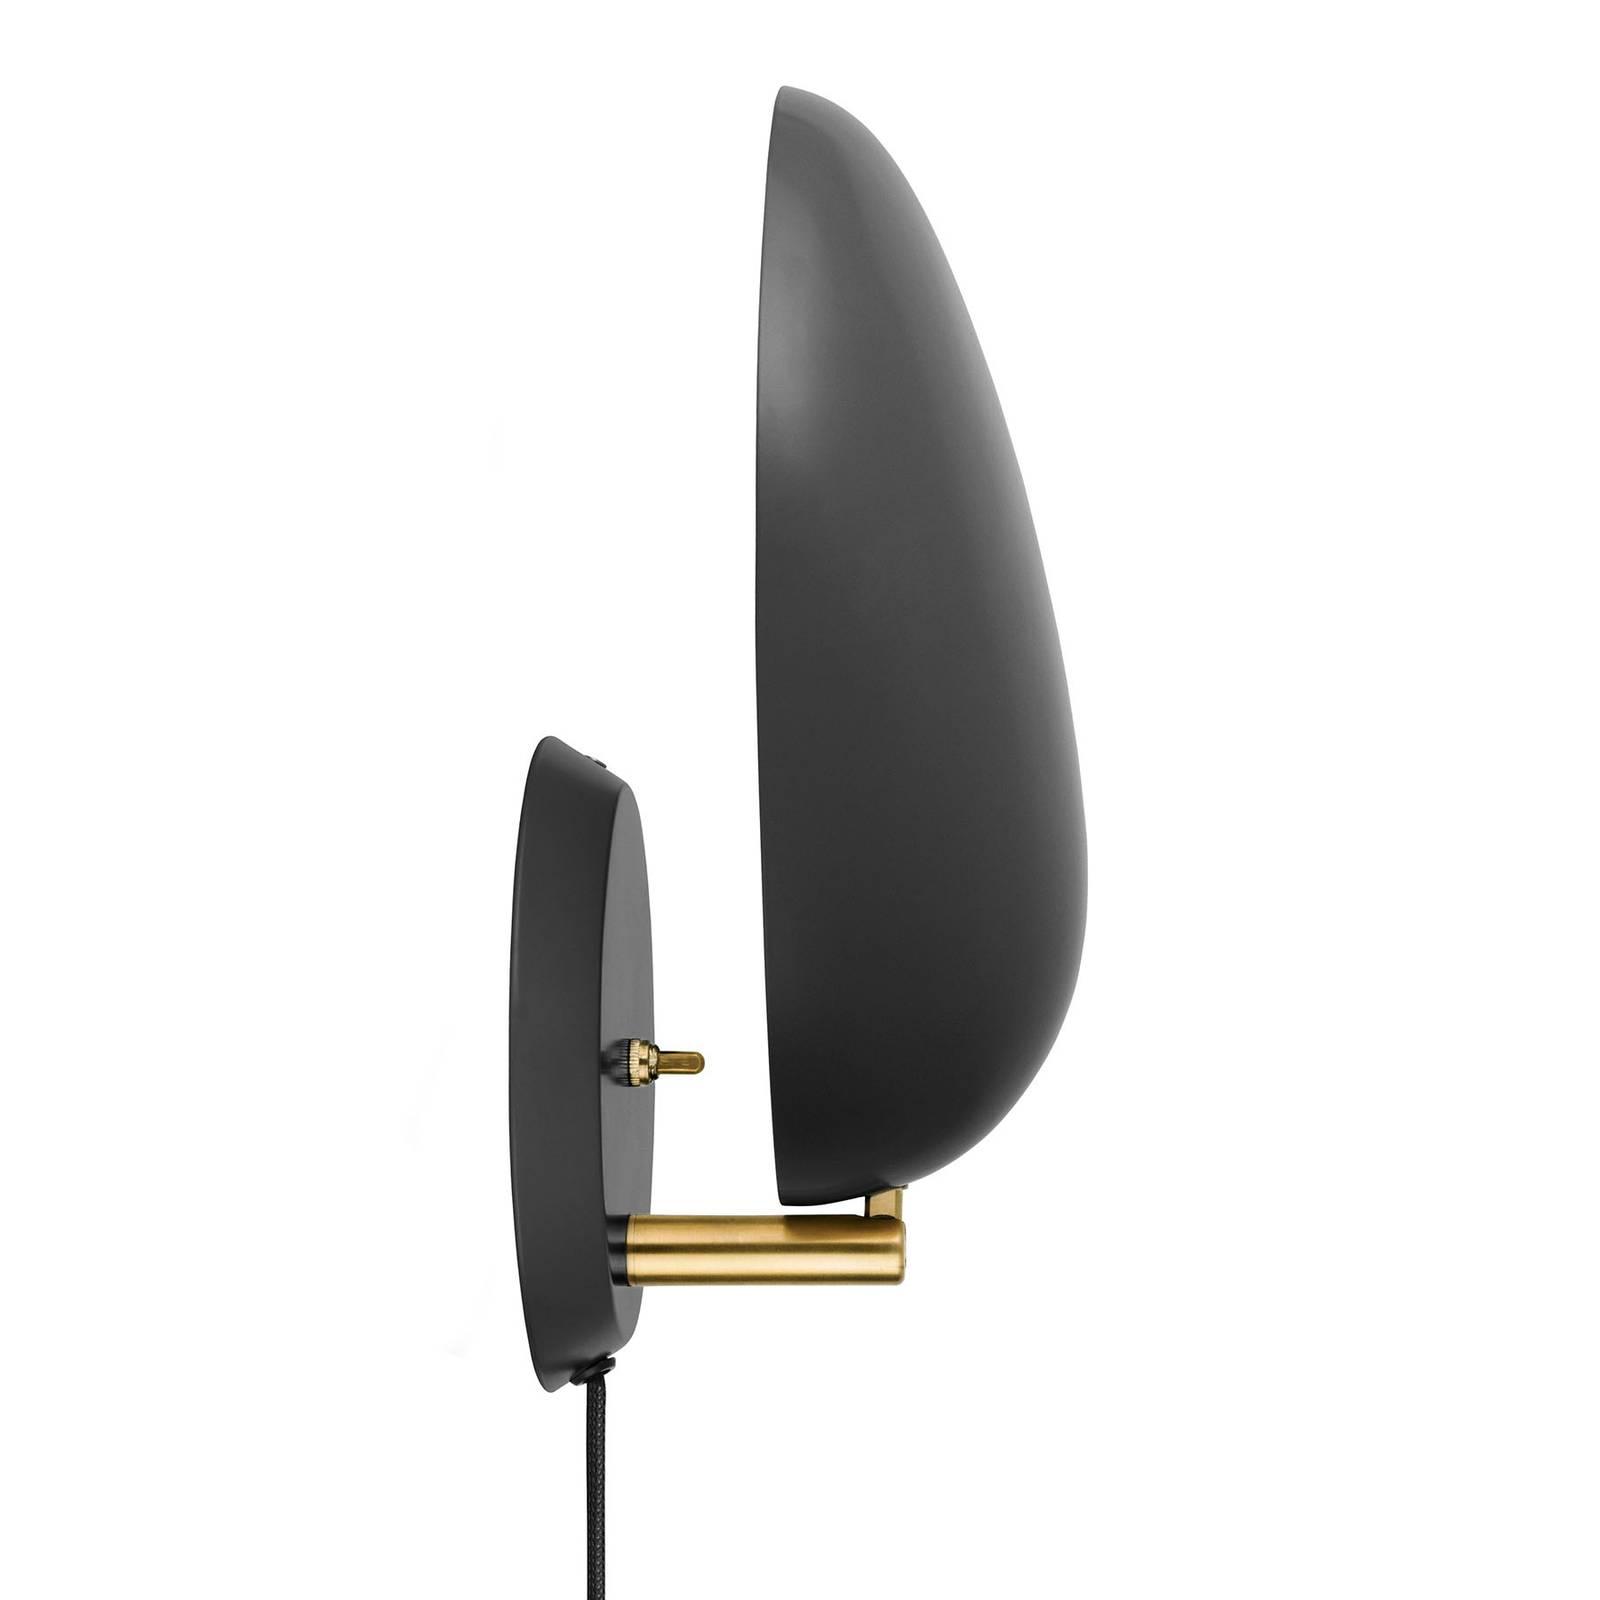 Billede af GUBI Cobra designvæglampe, sort med stik